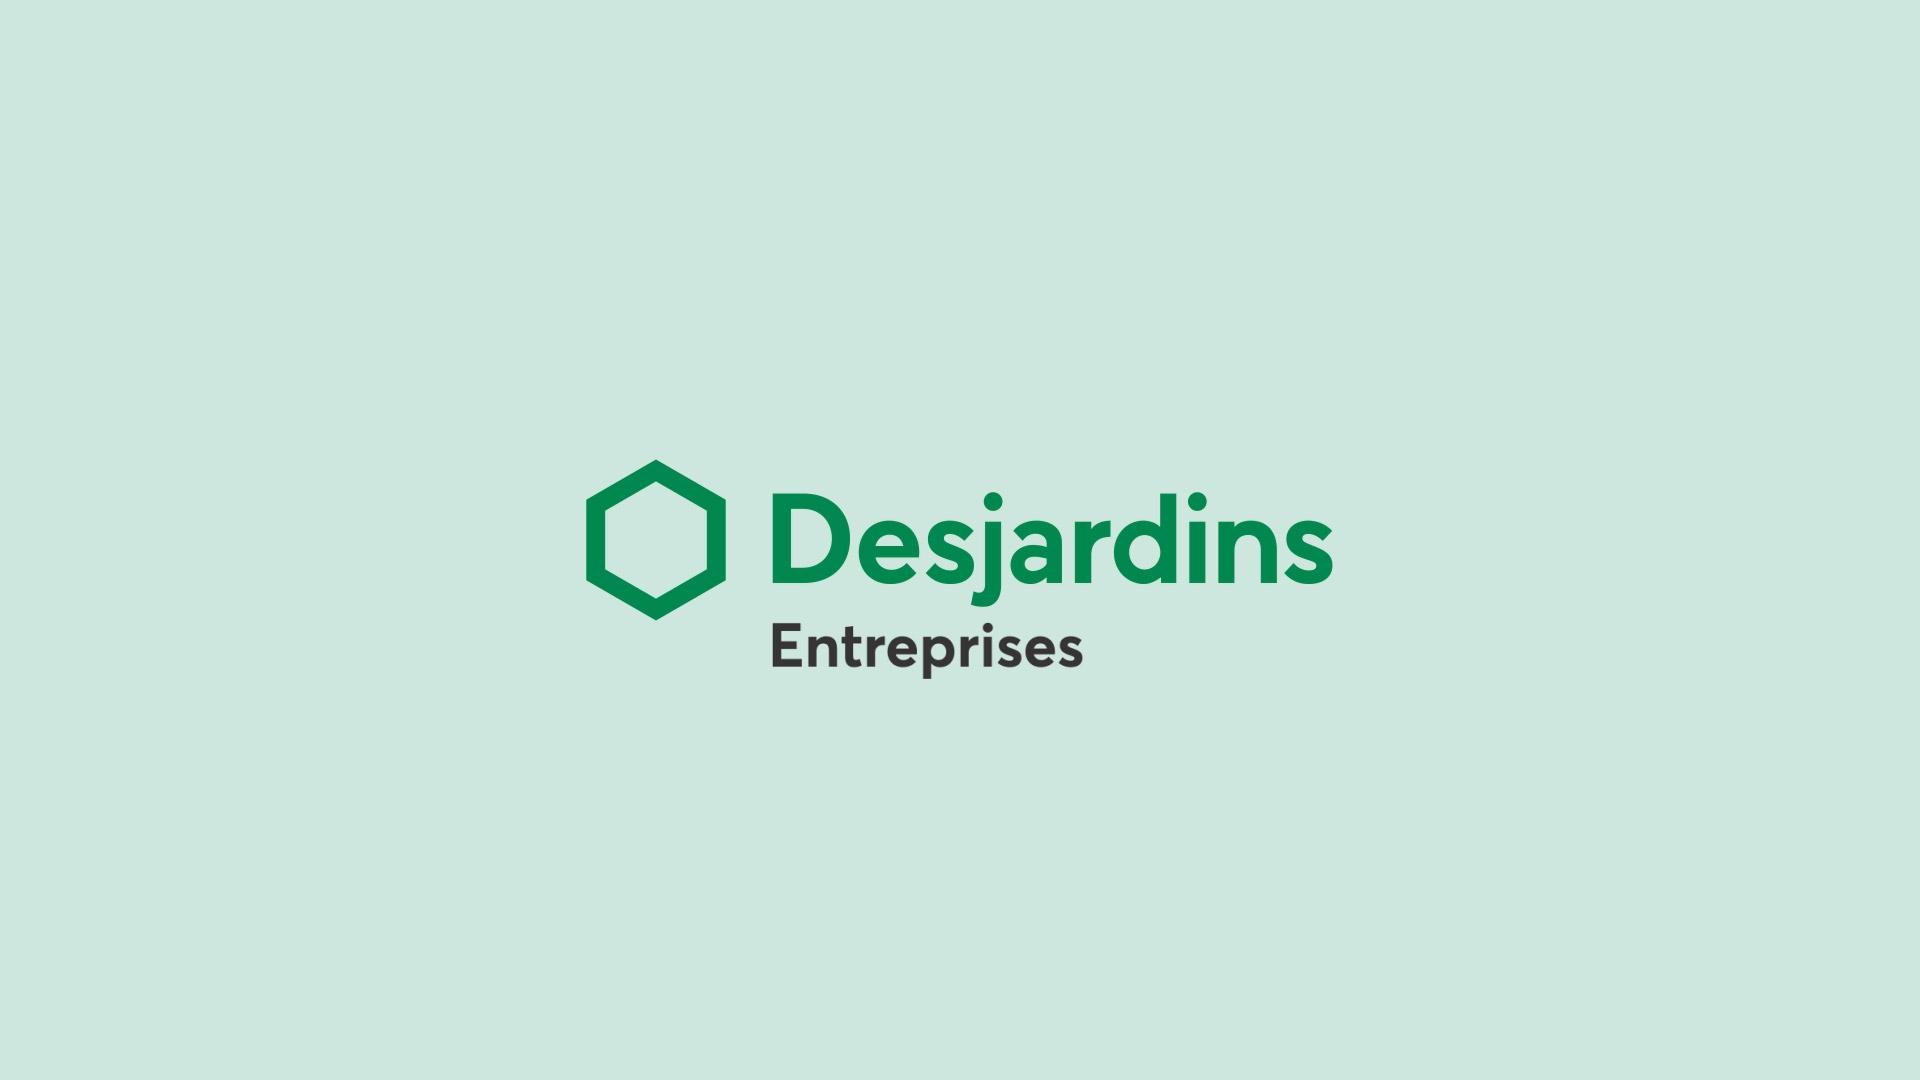 Desjardins_German Moreno_DesignerNO-MASK-2018-09-26-08.43.28-PM